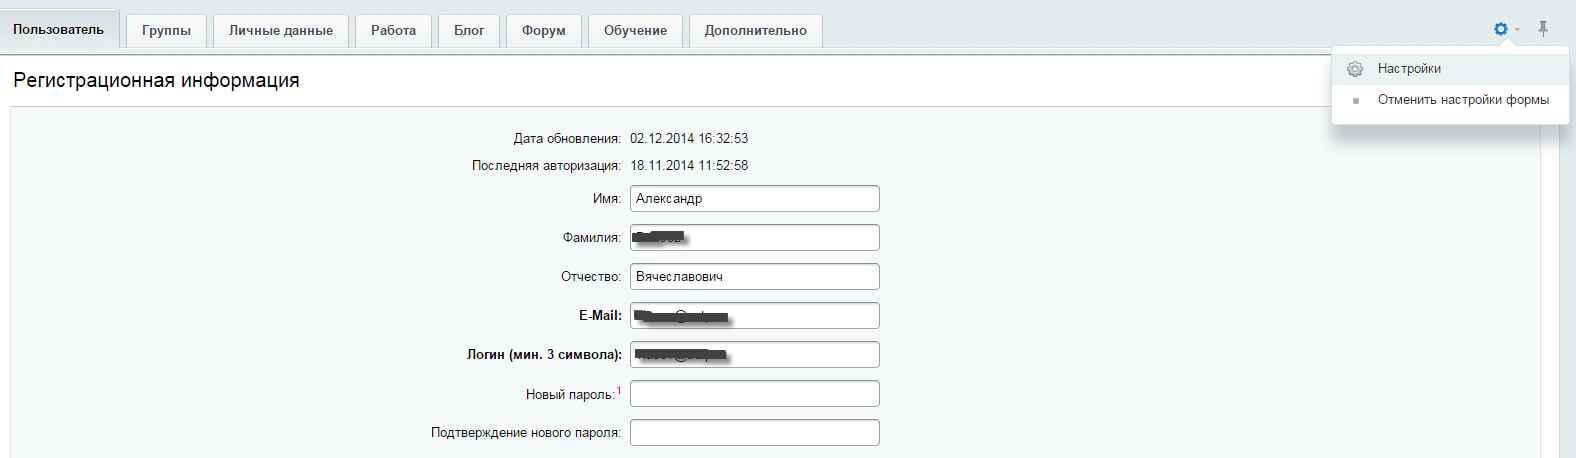 Как в Битриксе корпоративный портал заставить локального пользователя использовать авторизацию через AD-03